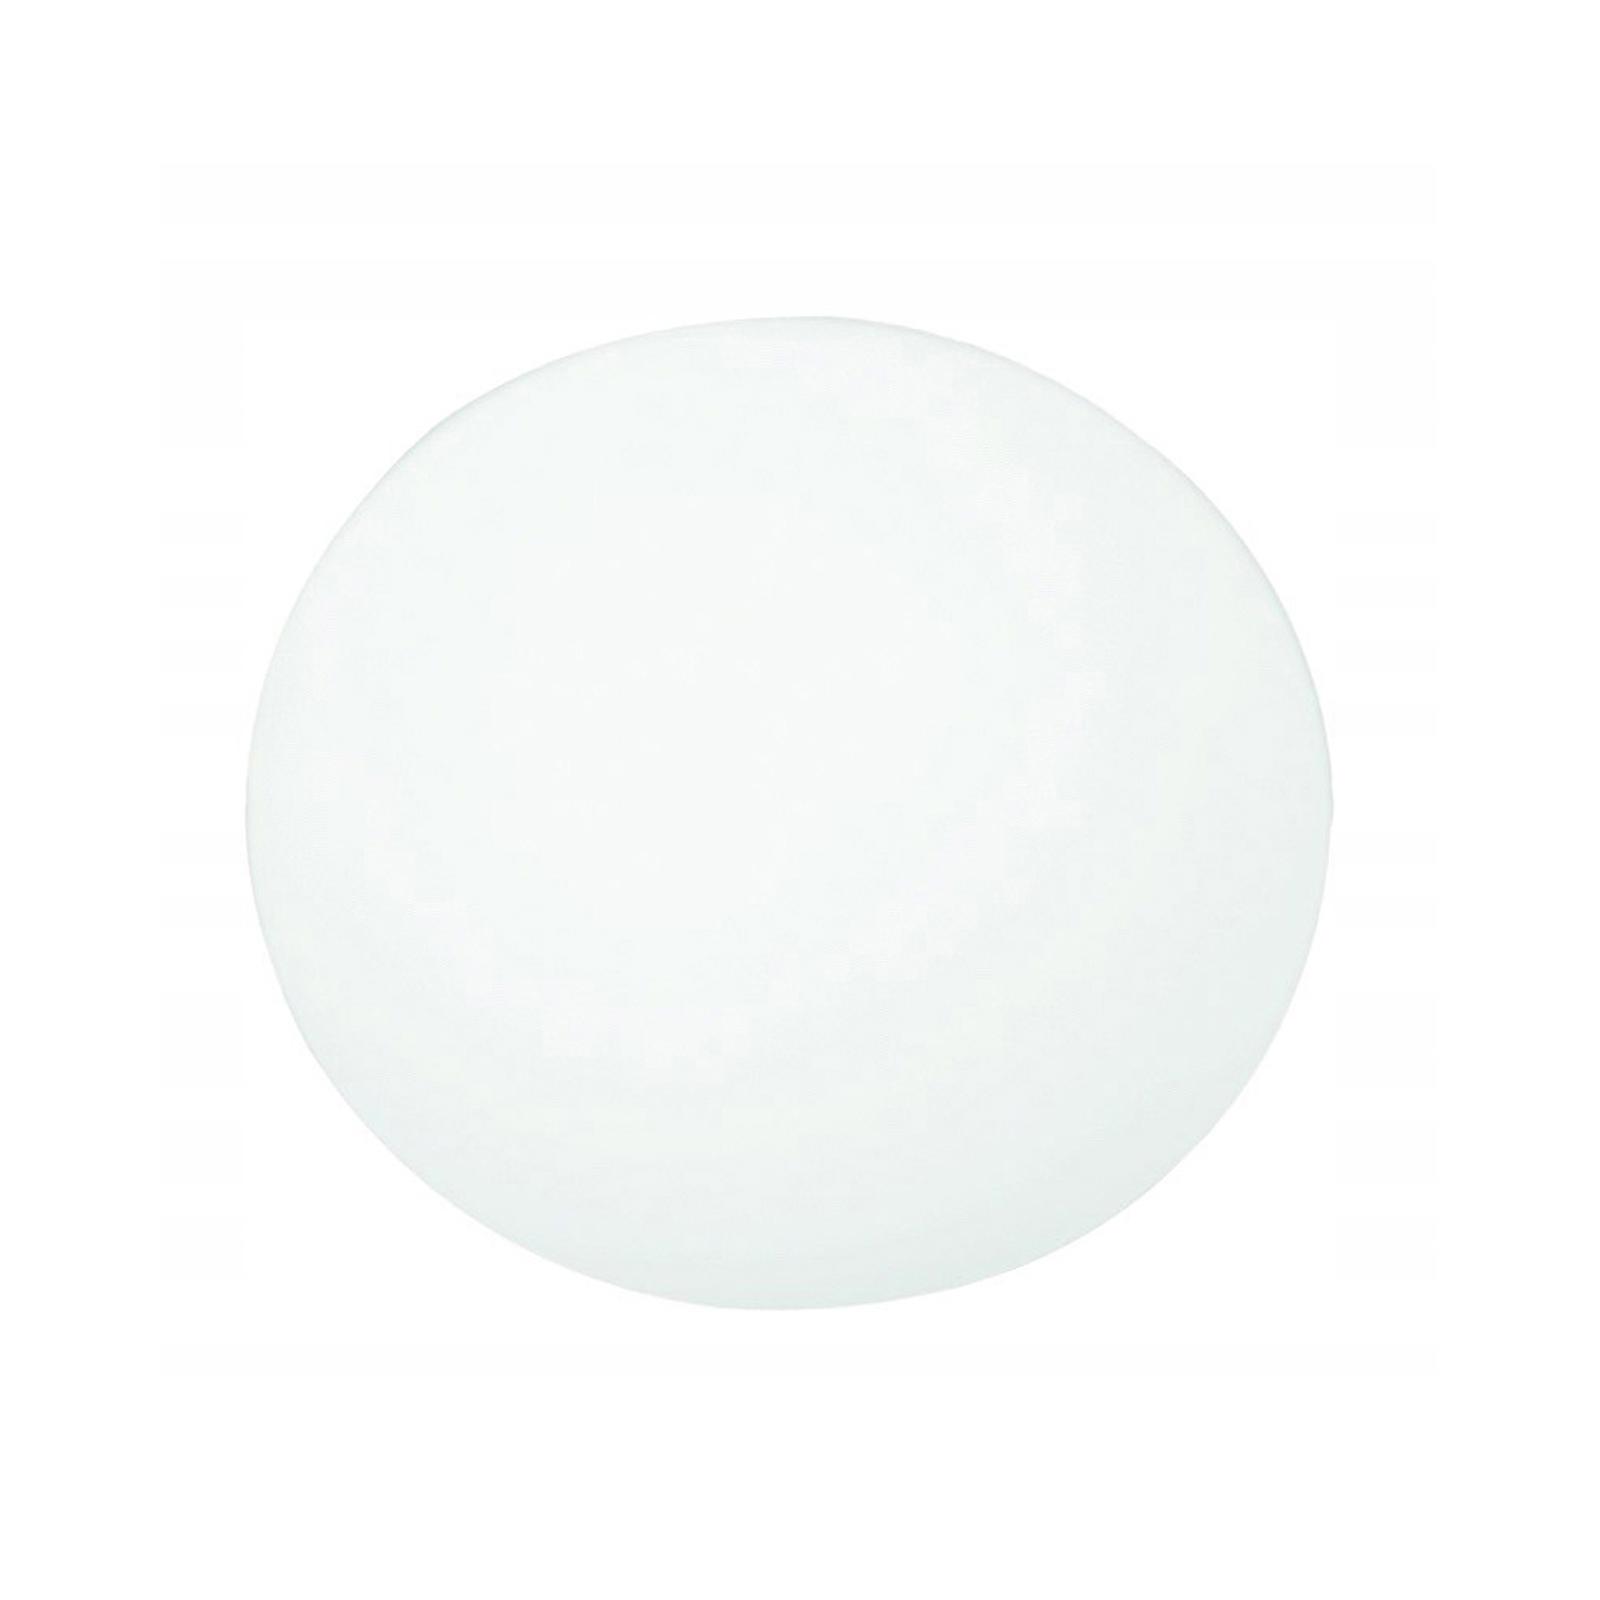 Twister loftlampe til badeværelse Ø 30 cm 2 x 40 W